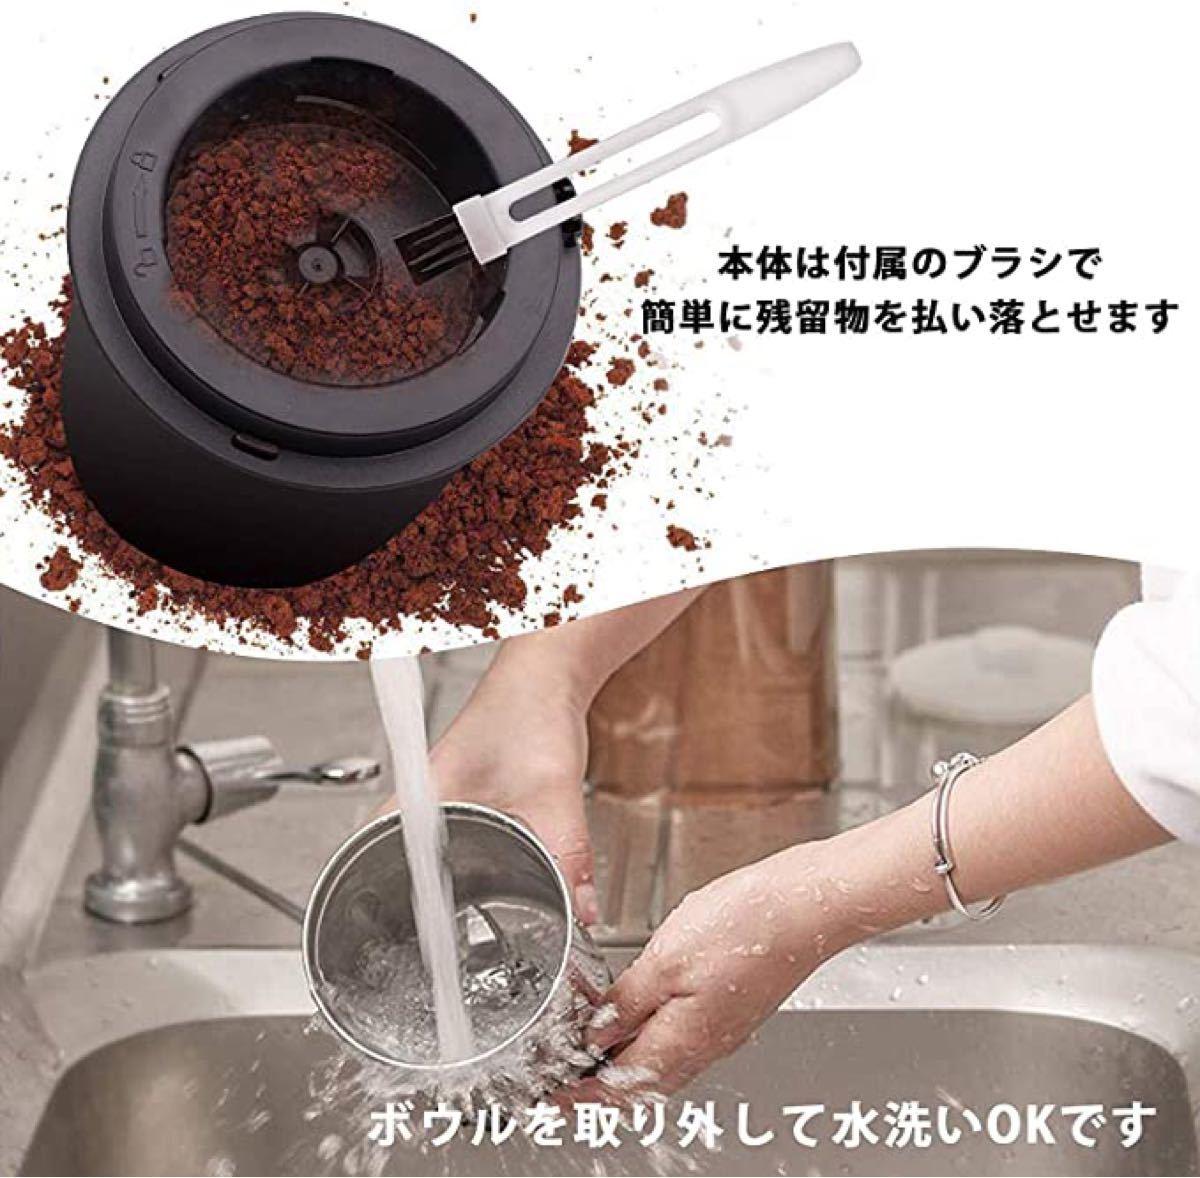 【値下げ中!水洗い可能】電動コーヒーミル コーヒーグラインダー ワンタッチで自動挽き